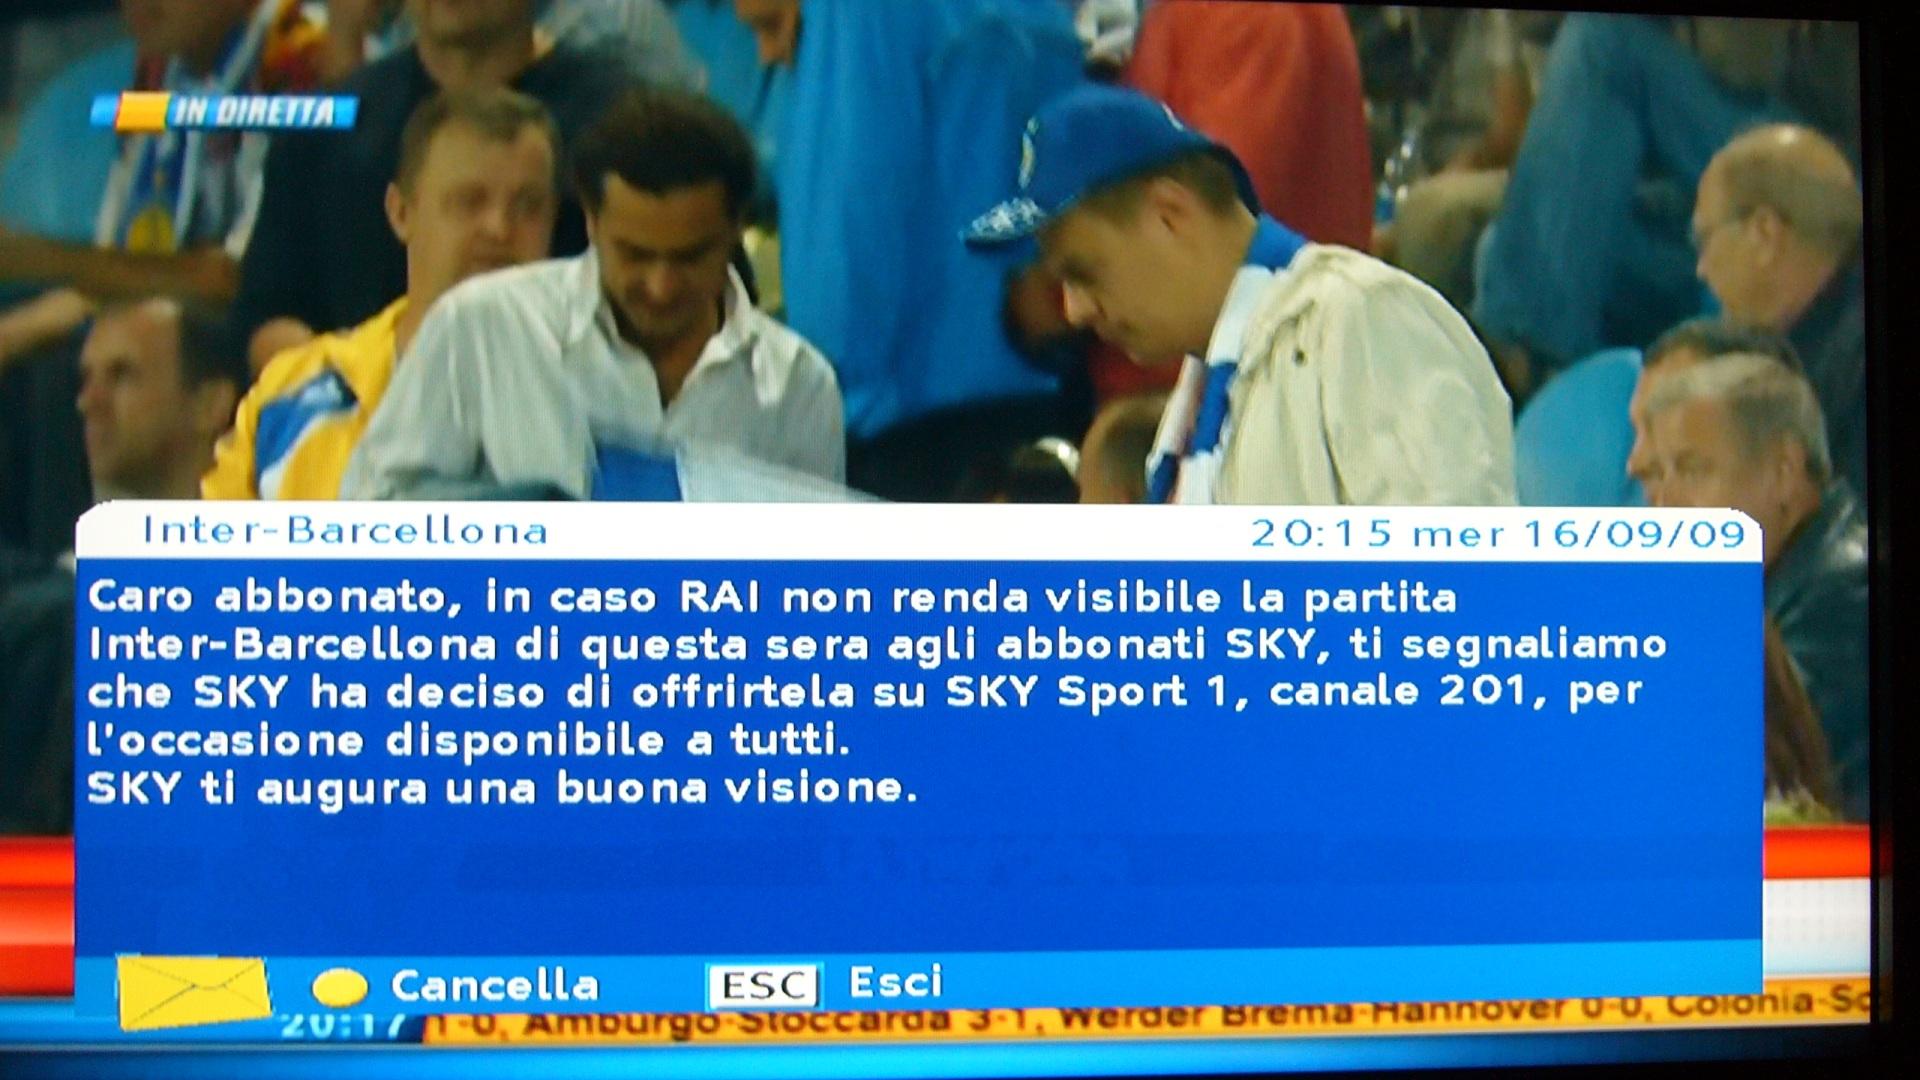 avviso inter barcellona skysport1 - SKY apre Inter-Barcellona ai suoi abbonati